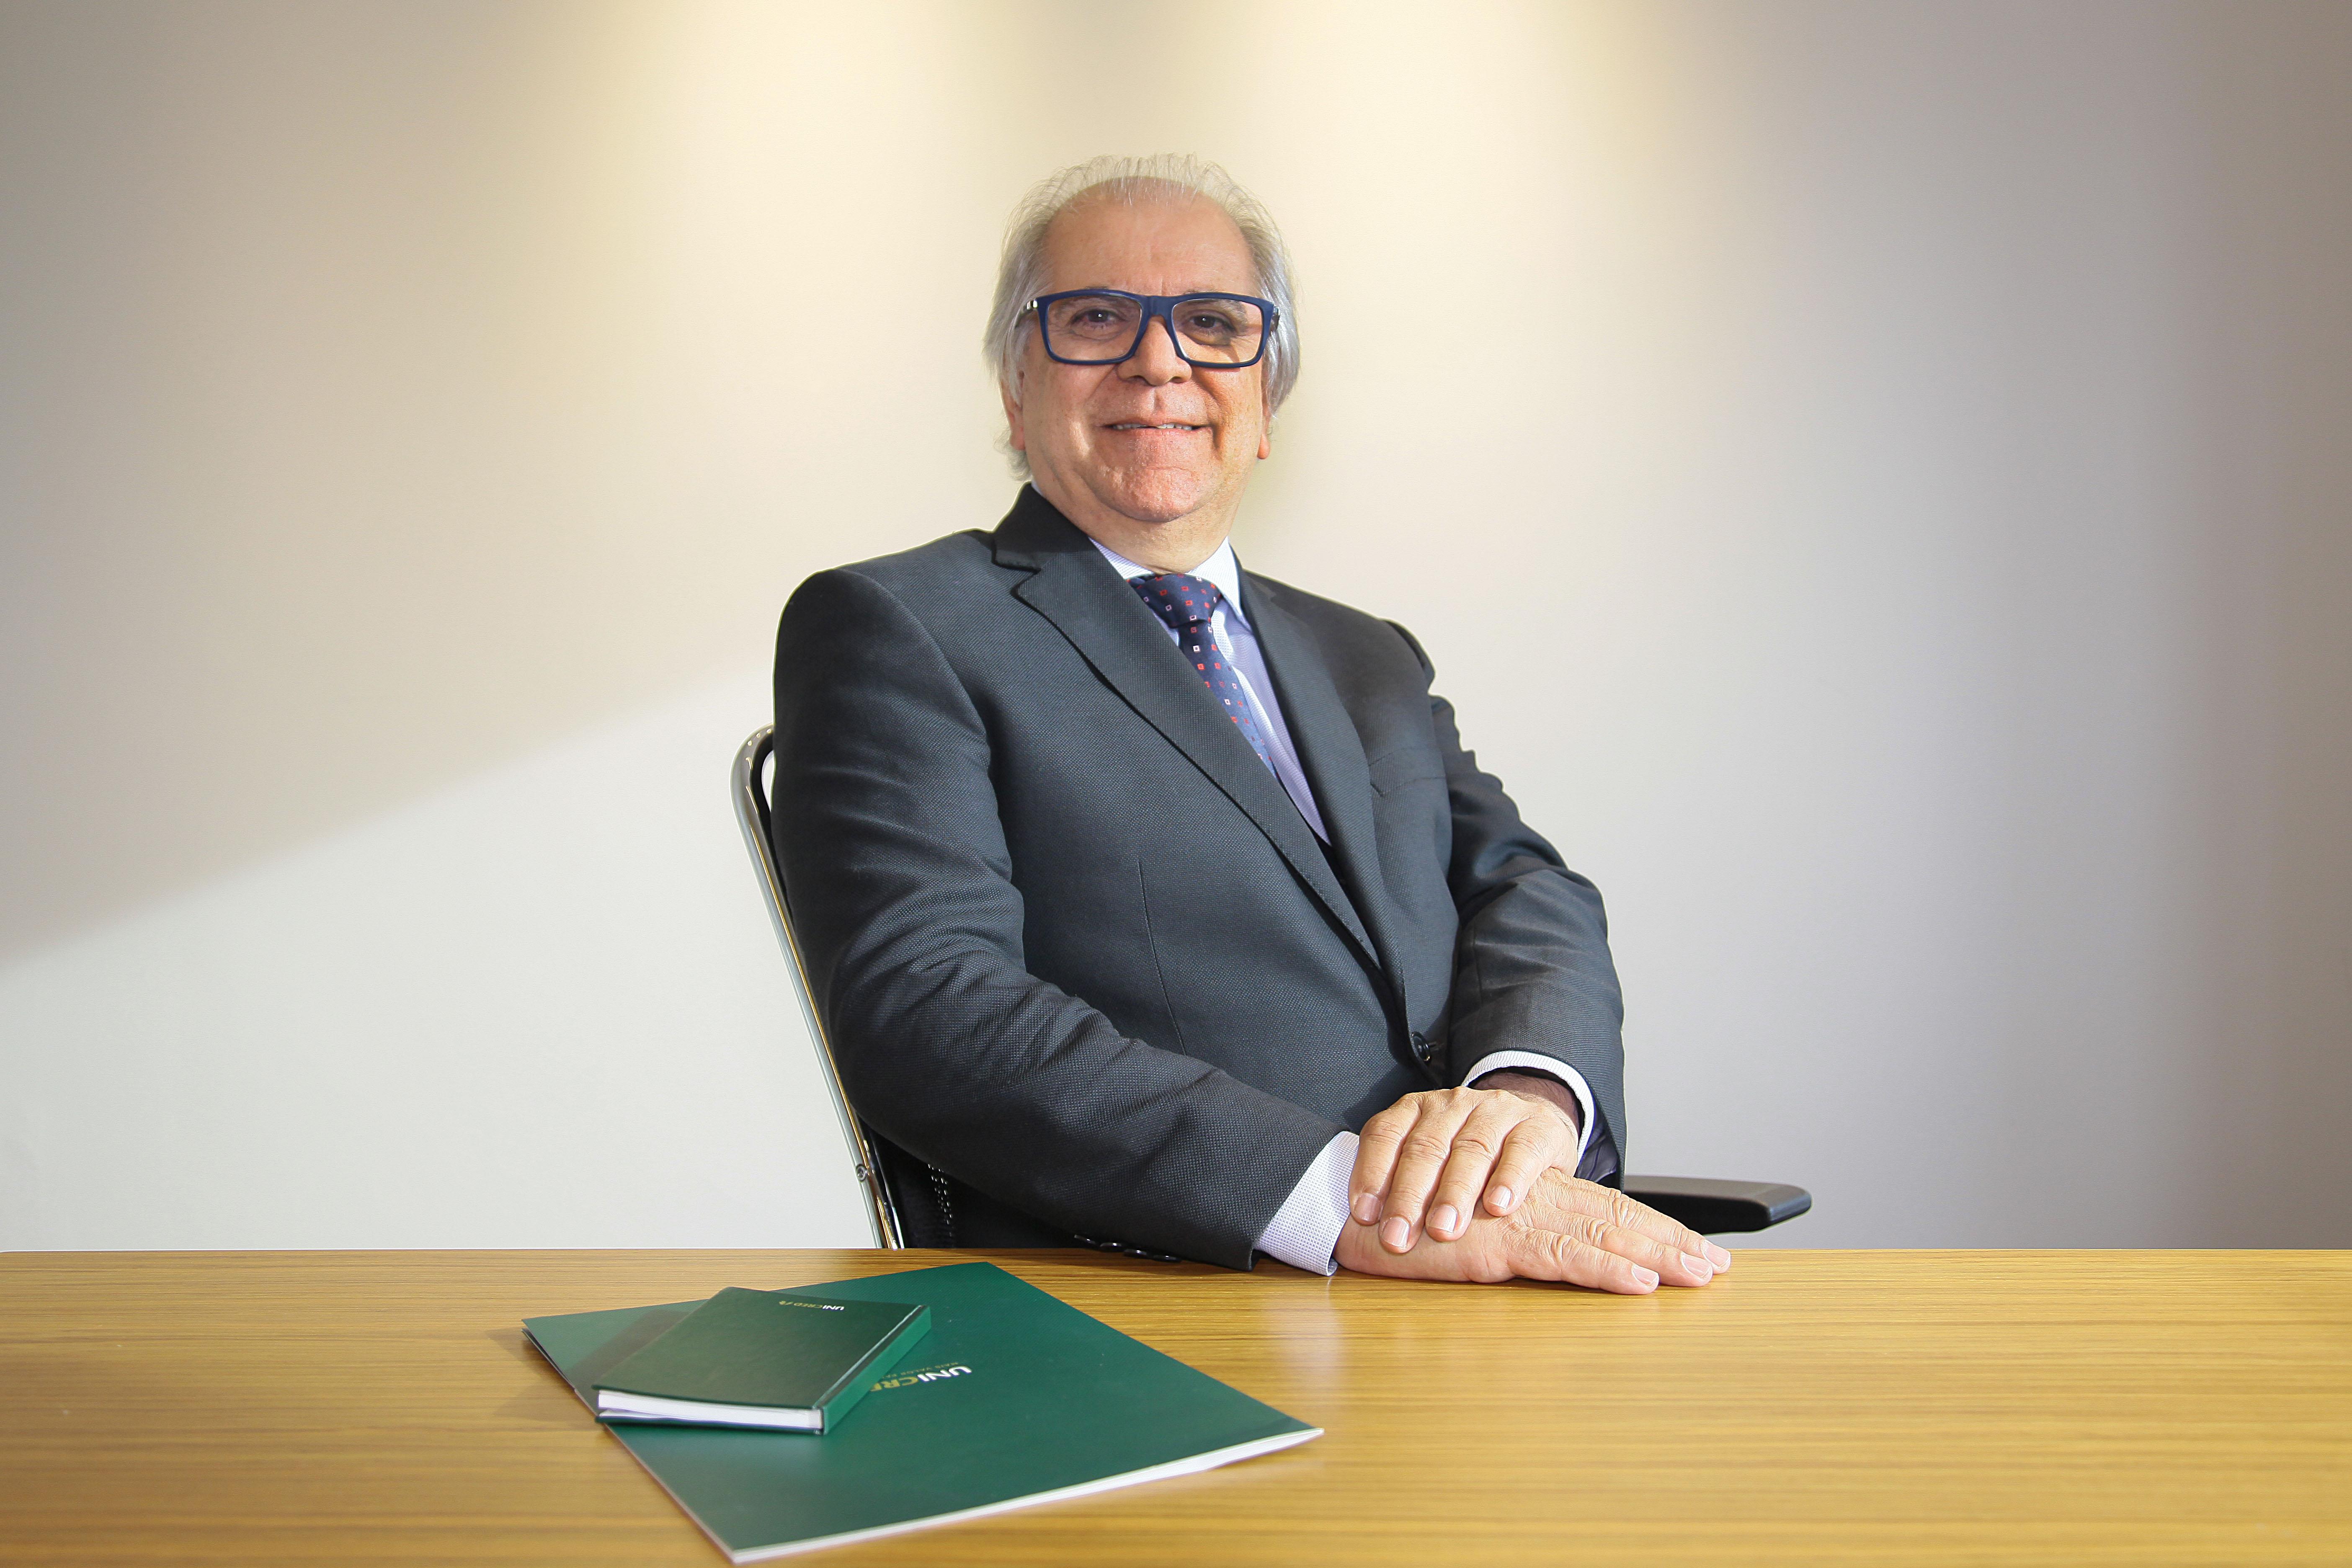 Dr. flavio cabreira jobim cr%c3%a9dito divulga%c3%a7%c3%a3o